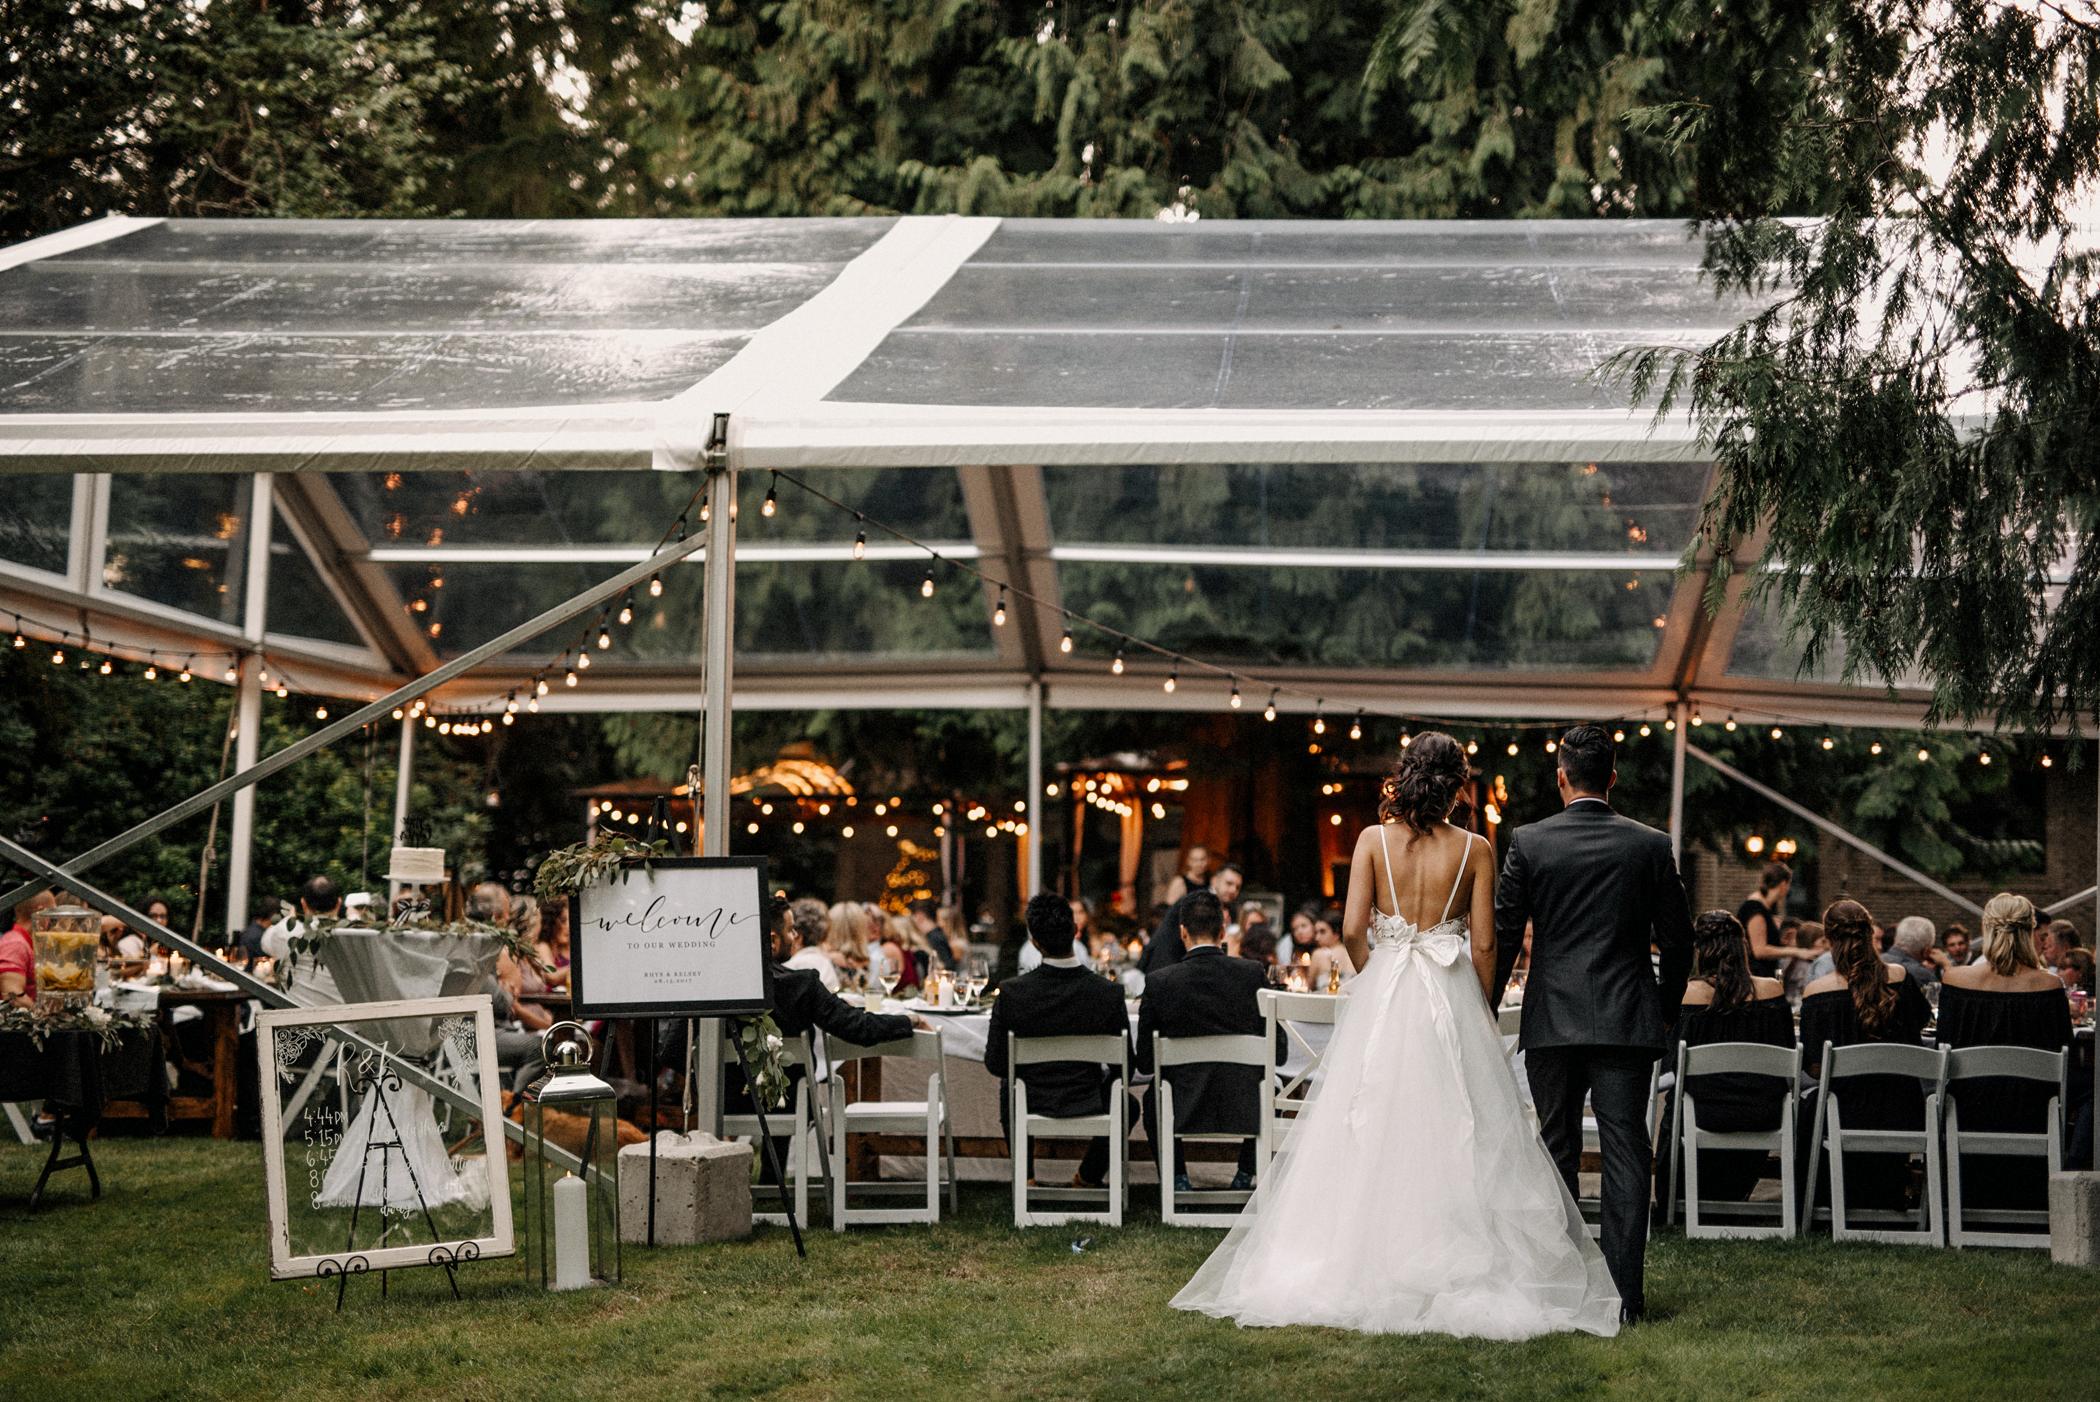 084-kaoverii-silva-KR-wedding-vancouver-photography-blog.png